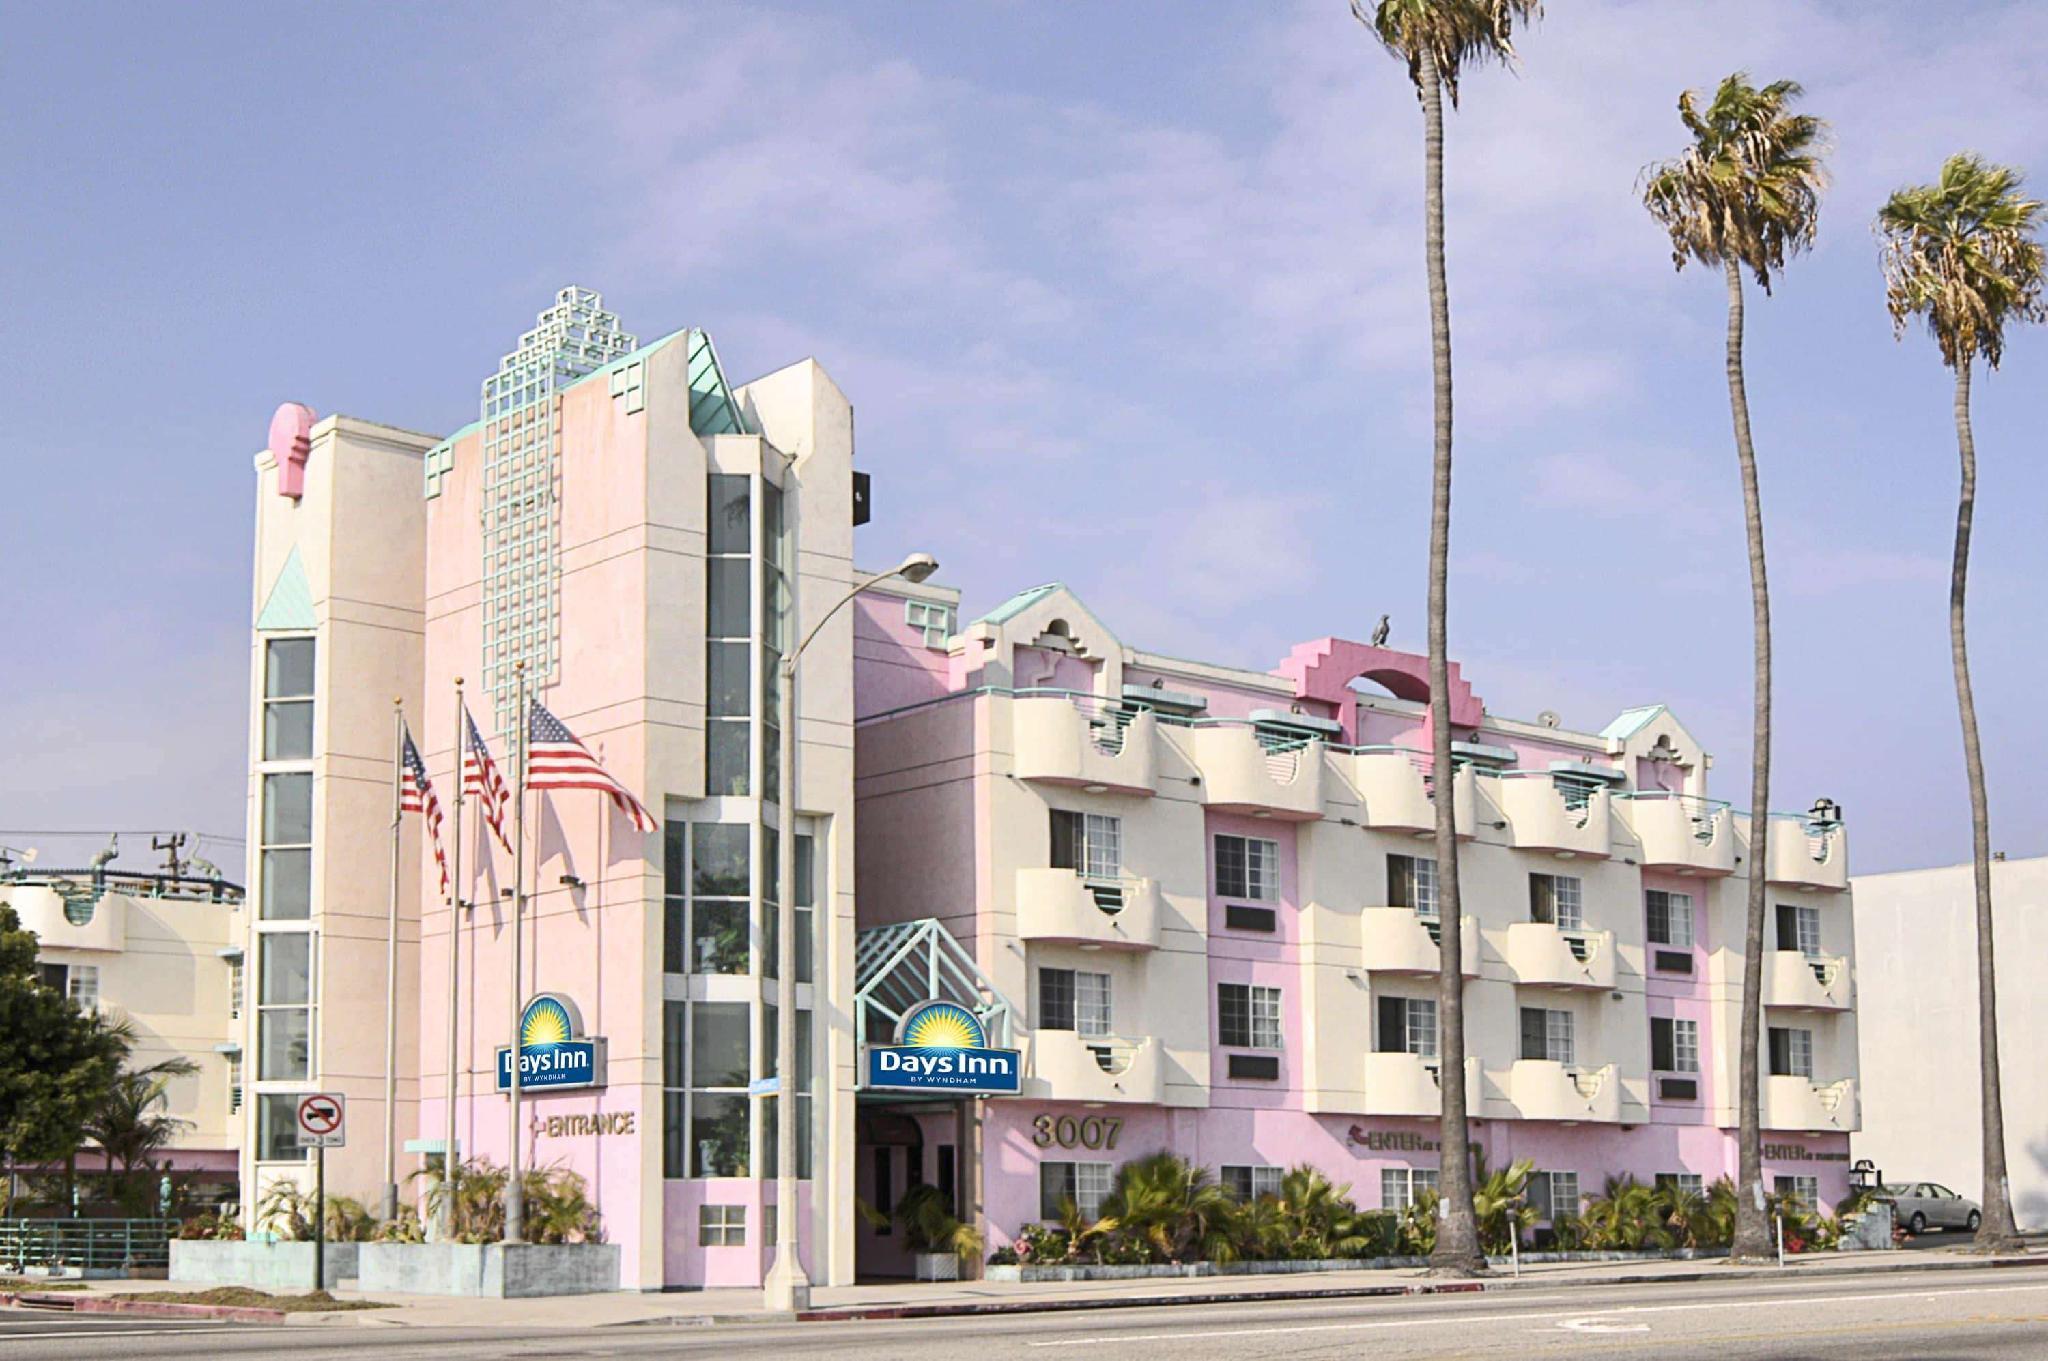 Days Inn By Wyndham Santa Monica Los Angeles